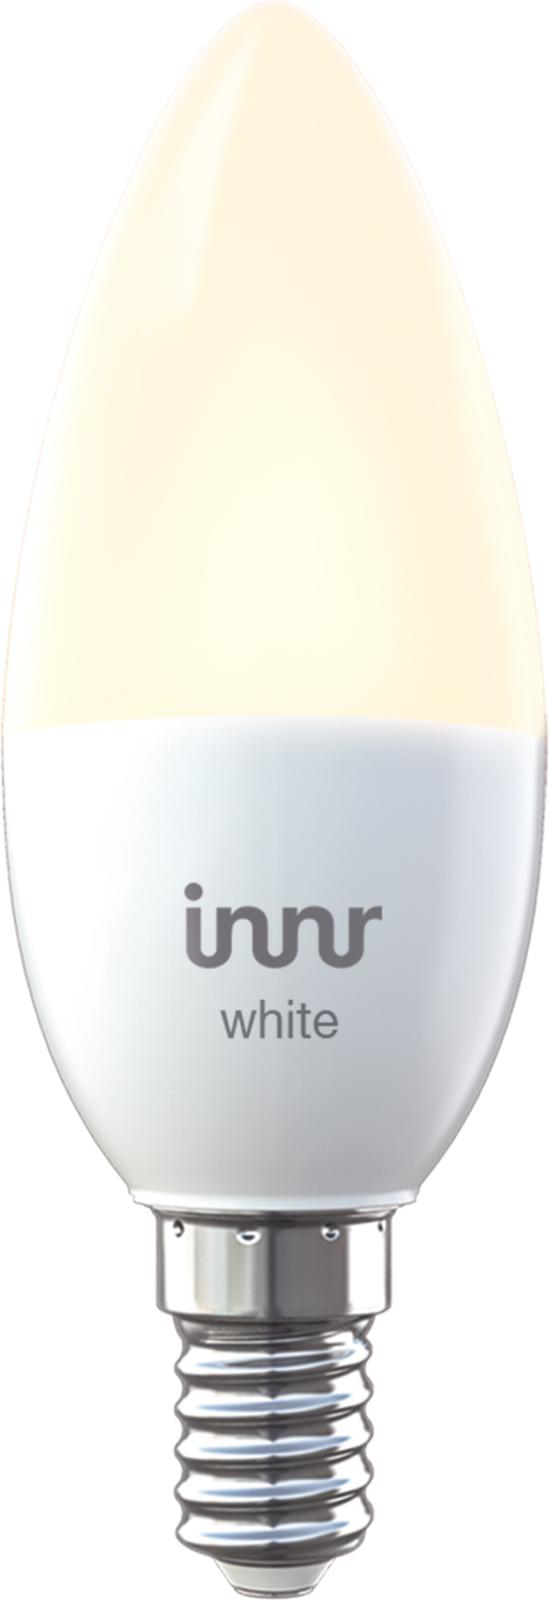 INNR Lighting 1x E14 smart LED lamp, Warm white, 2700K RB 245 - eet01